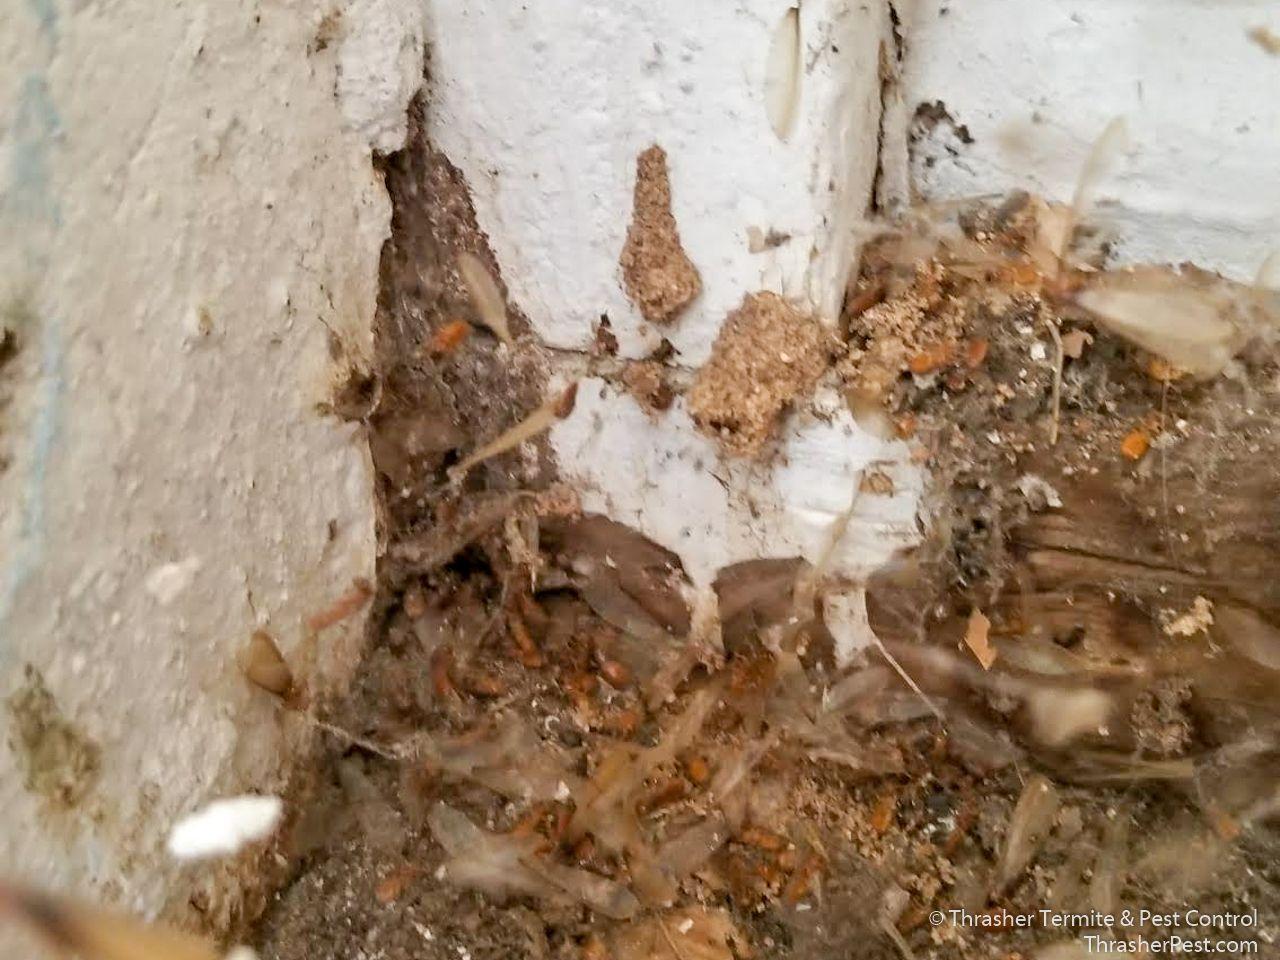 Formosan Subterranean Termite Debris La Mesa 2018 Termite Control Termites Termites Facts